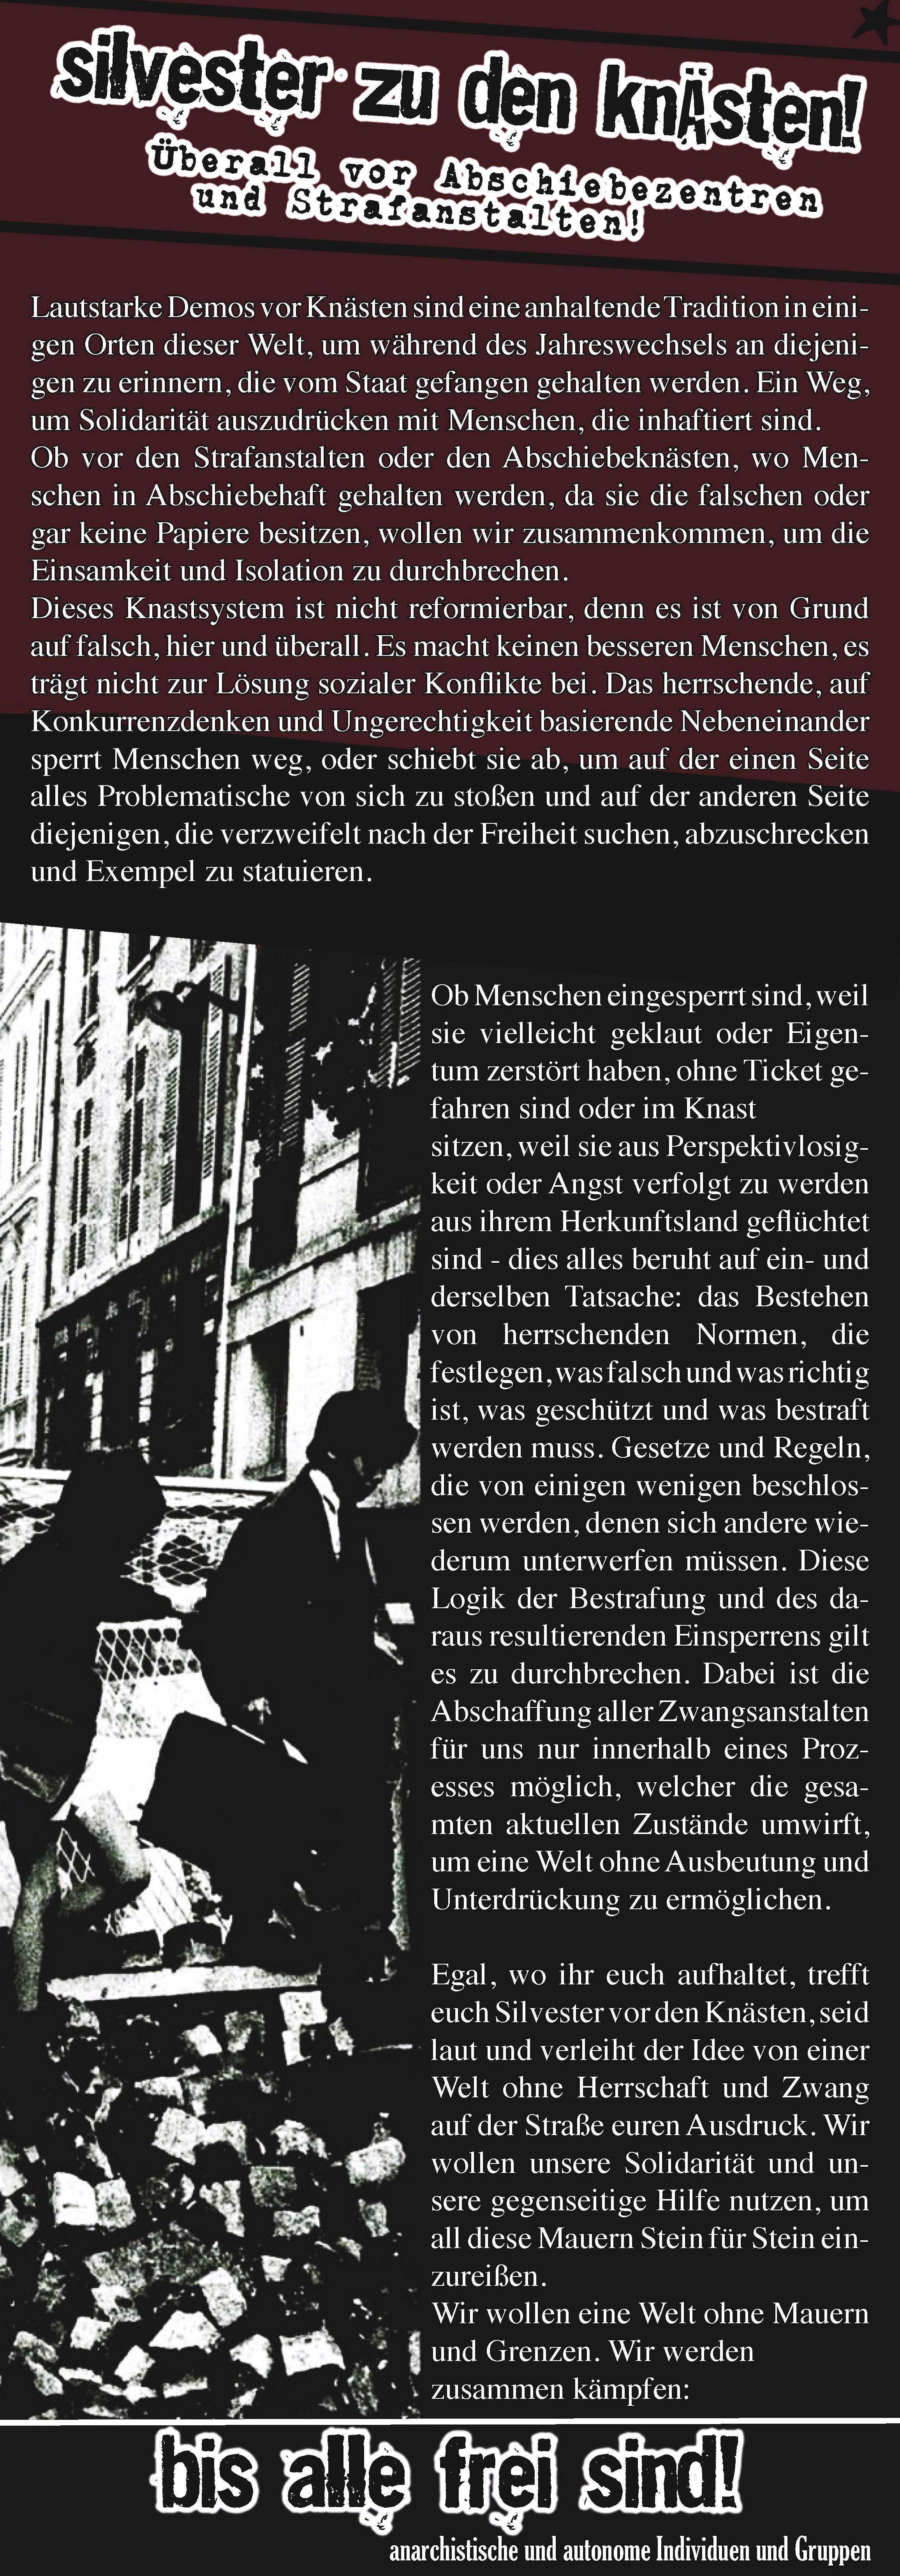 http://de.contrainfo.espiv.net/files/2012/12/Silvester-zu-den-Kn%C3%A4sten-2012-131.jpg